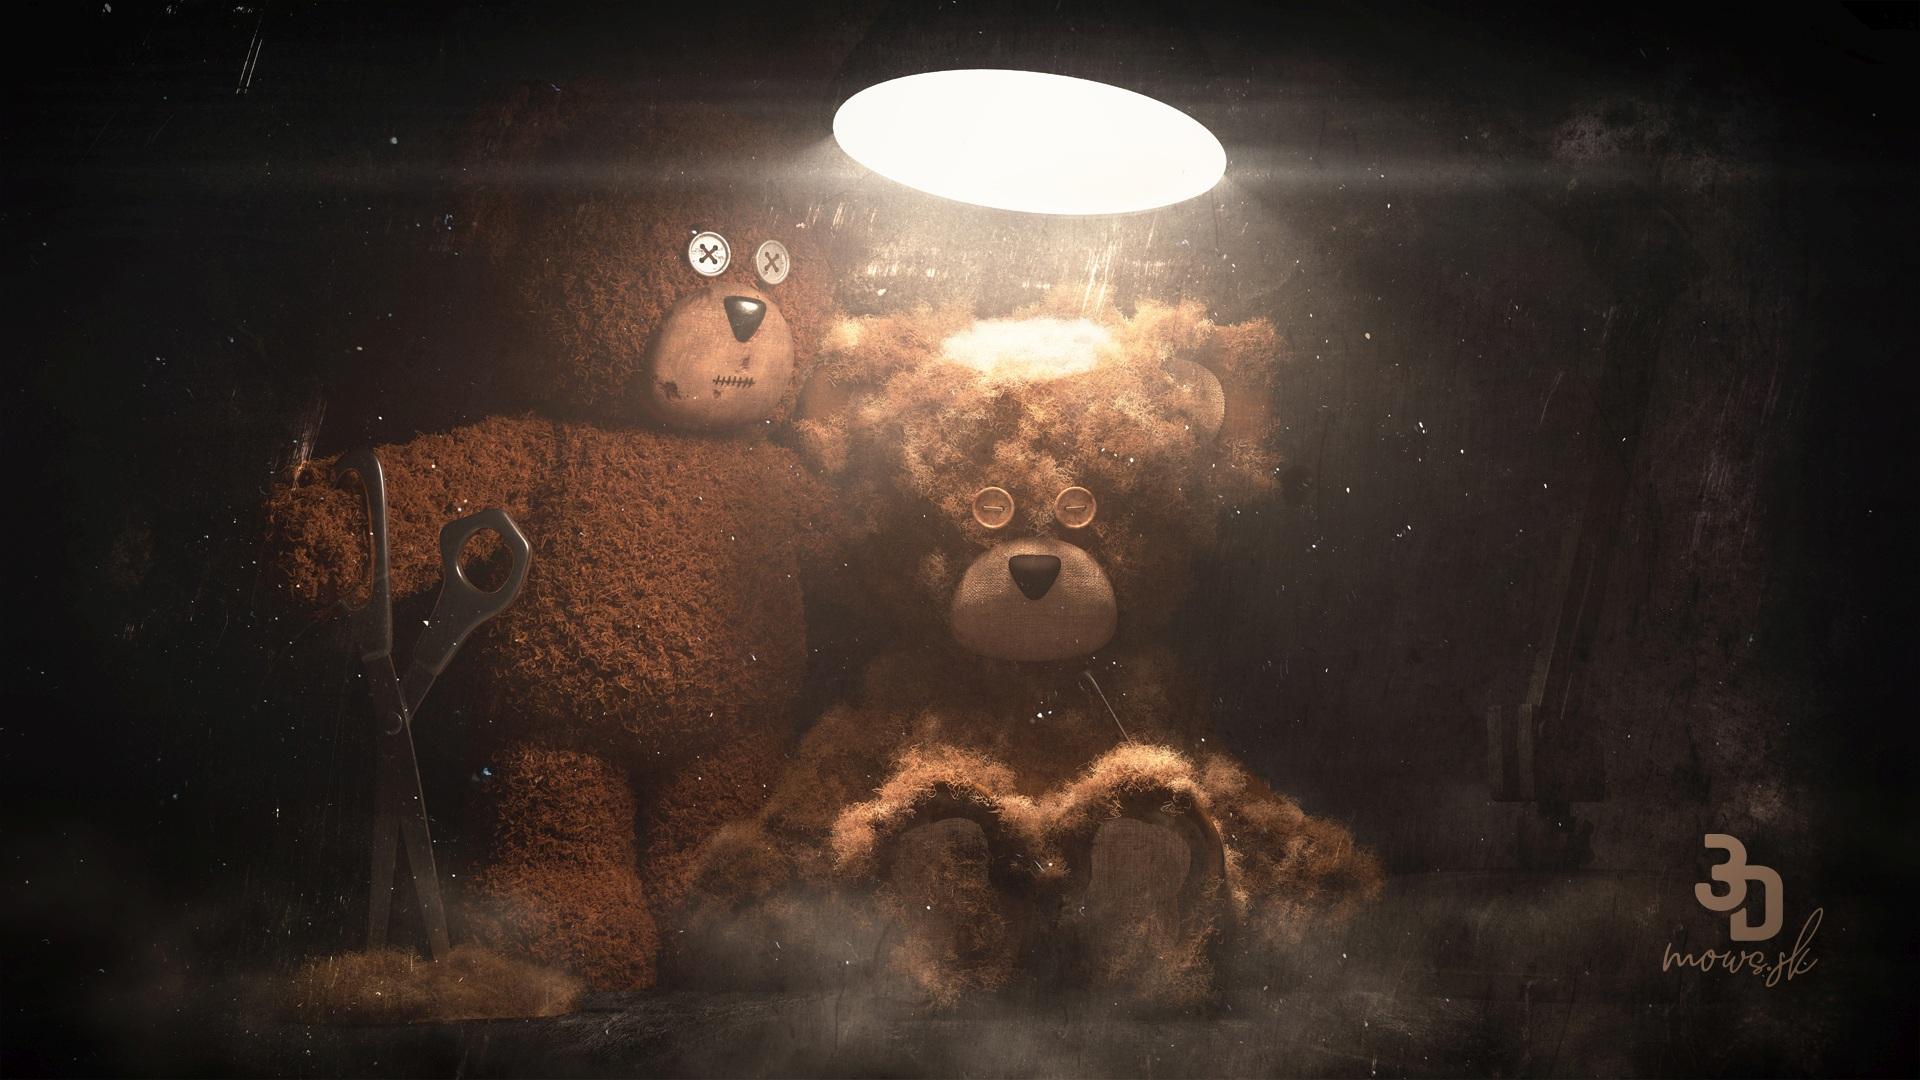 Vyrenderovaný medvedi upravený v Adobe Photoshop